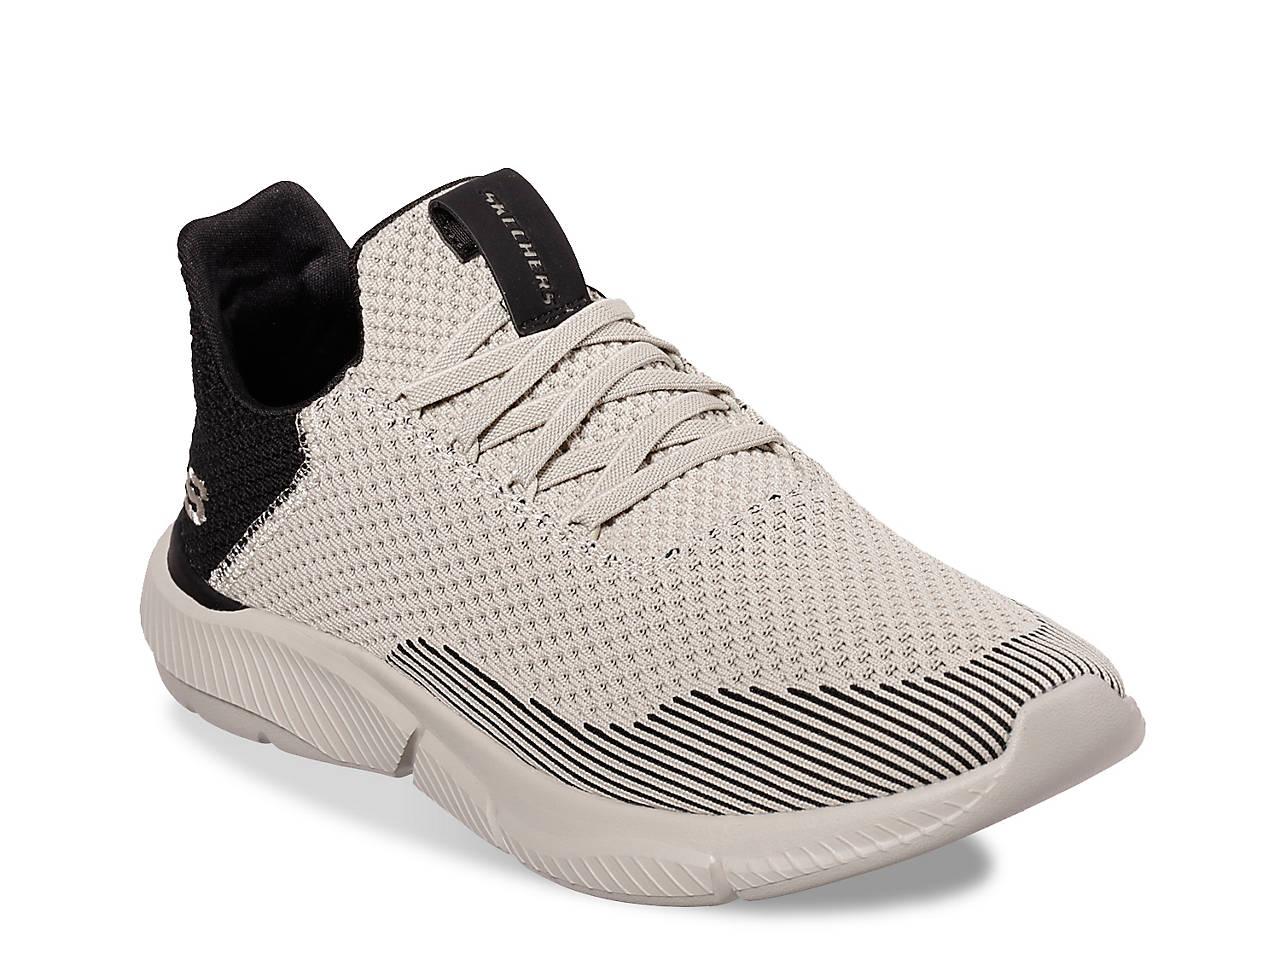 Relaxed Fit Ingram Taison Slip On Sneaker